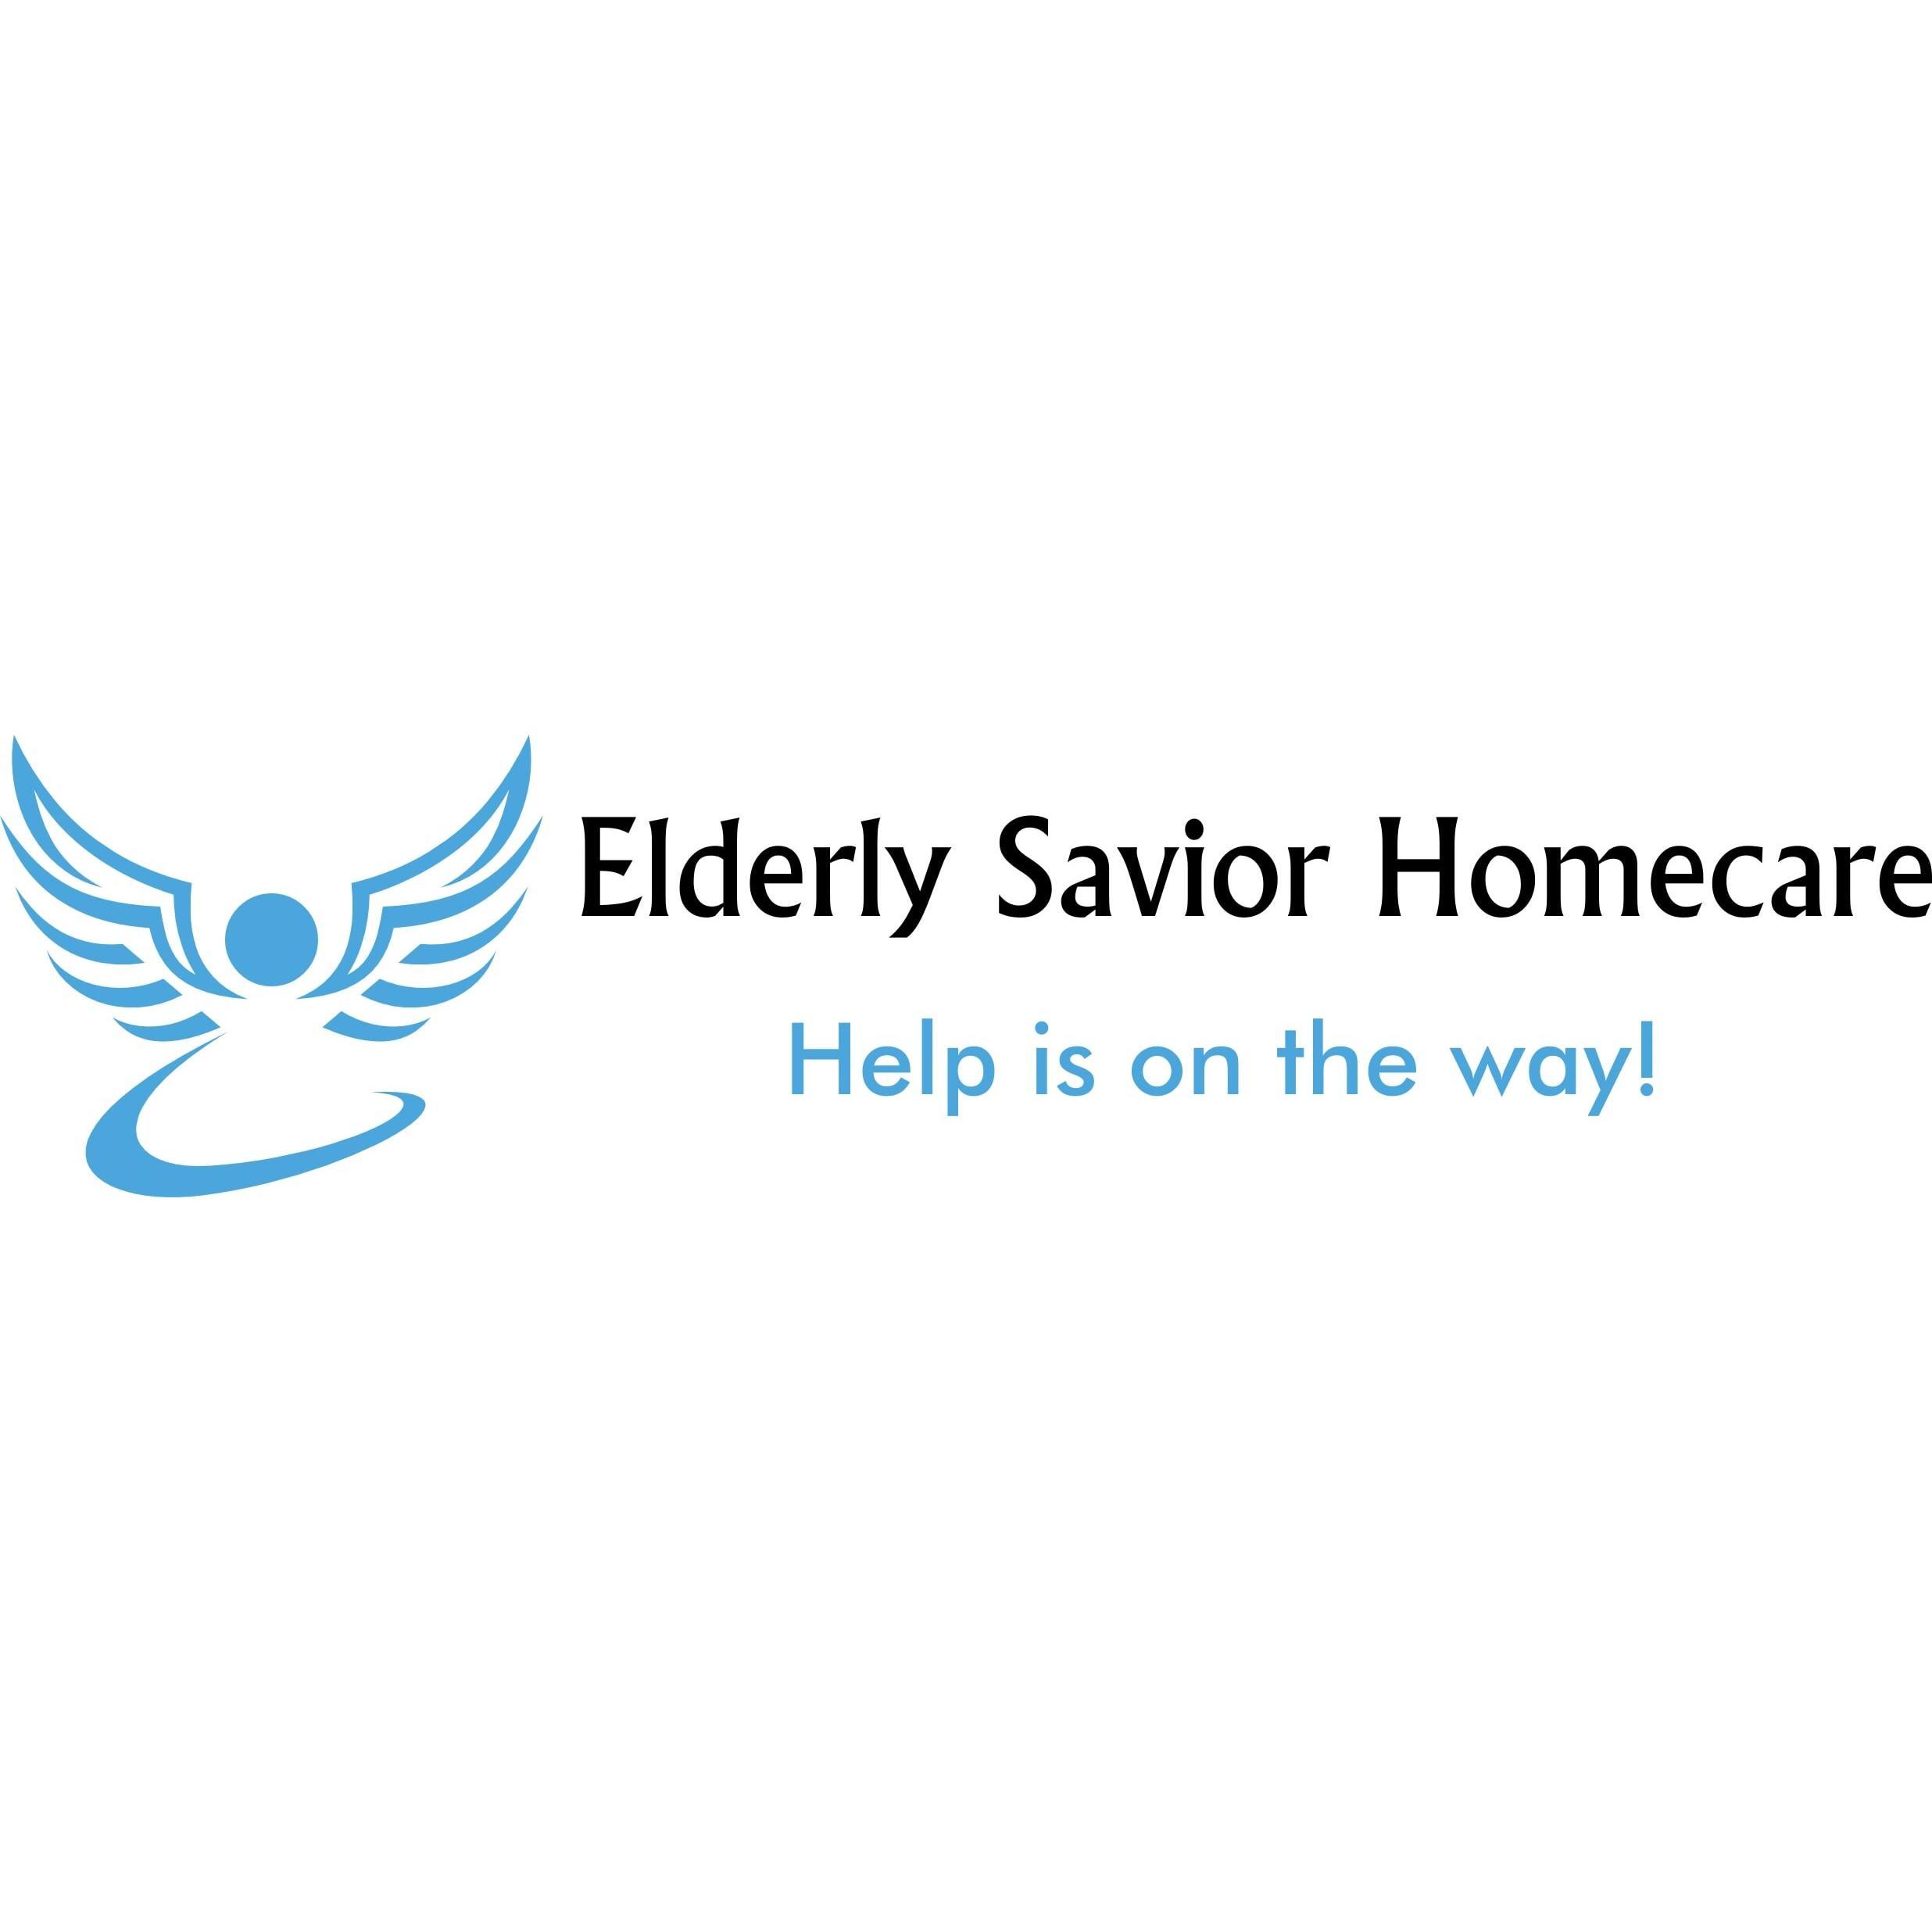 Elderly Savior Homecare